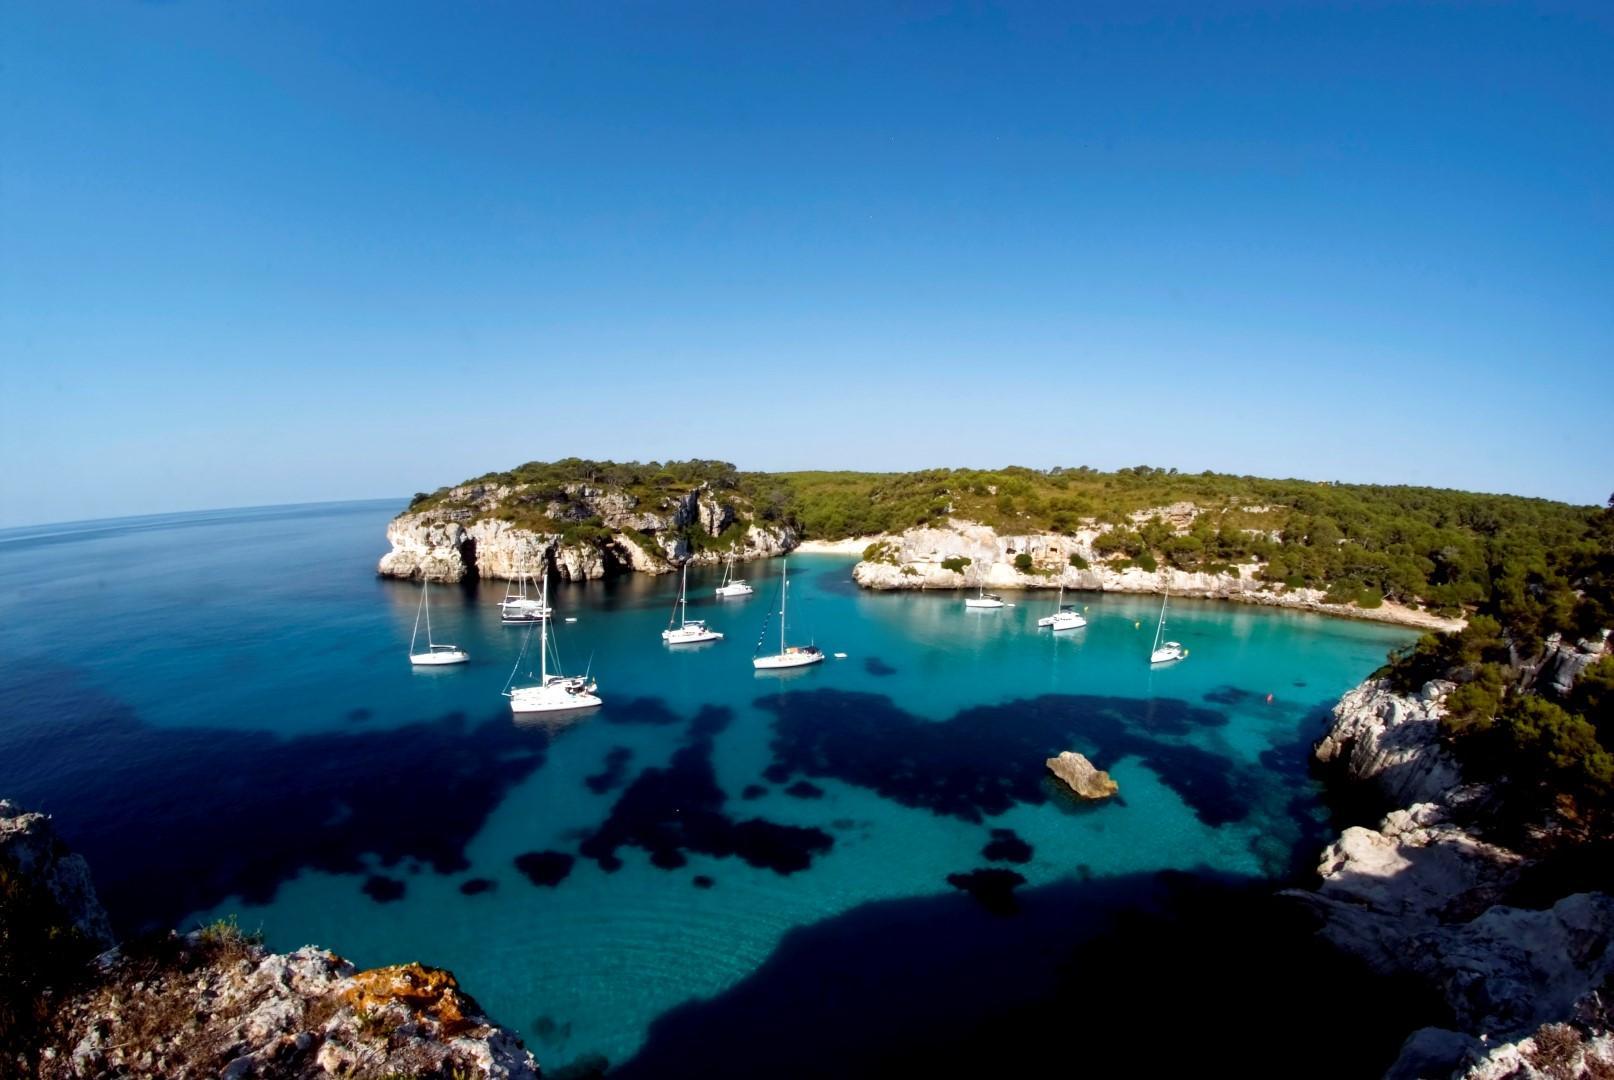 64e563ea4ab La splendida primavera delle isole Baleari - Tgcom24